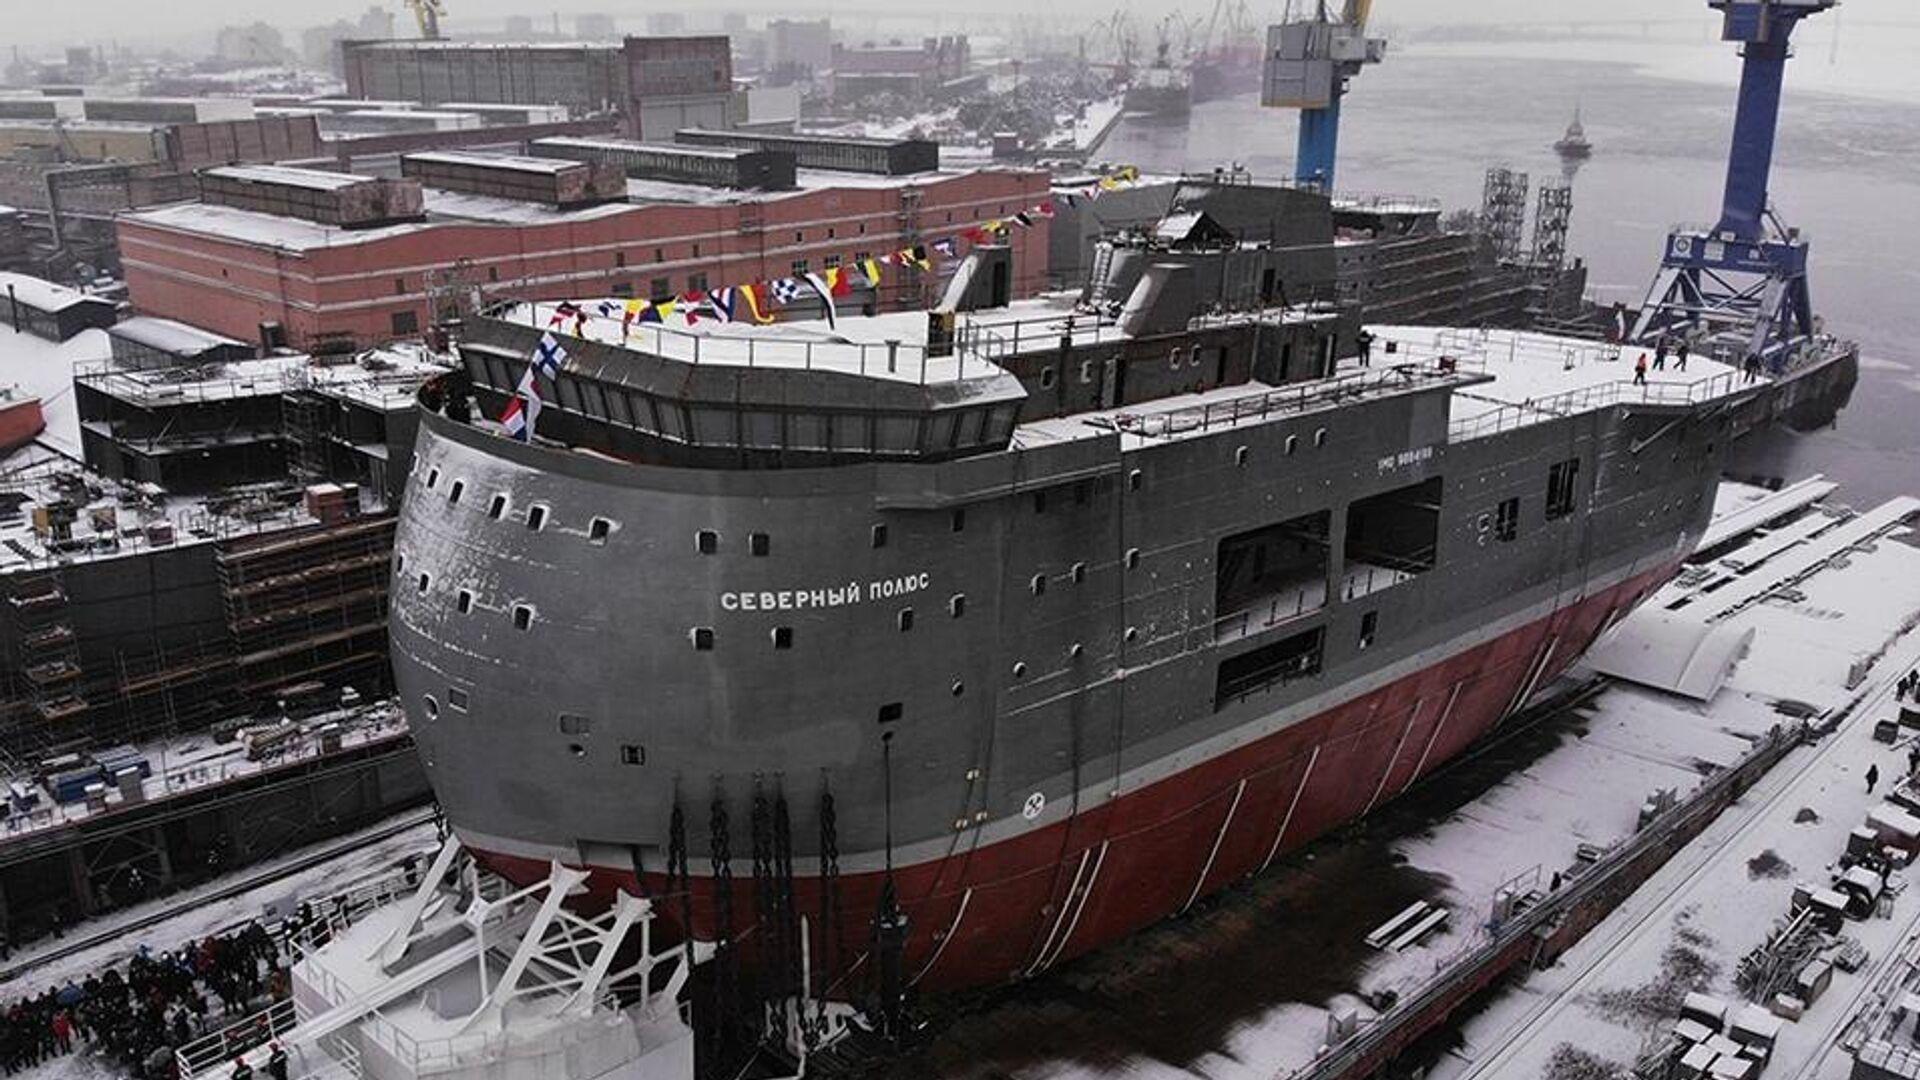 Церемония спуска на воду ледостойкой самодвижущейся платформы Северный полюс - РИА Новости, 1920, 24.12.2020